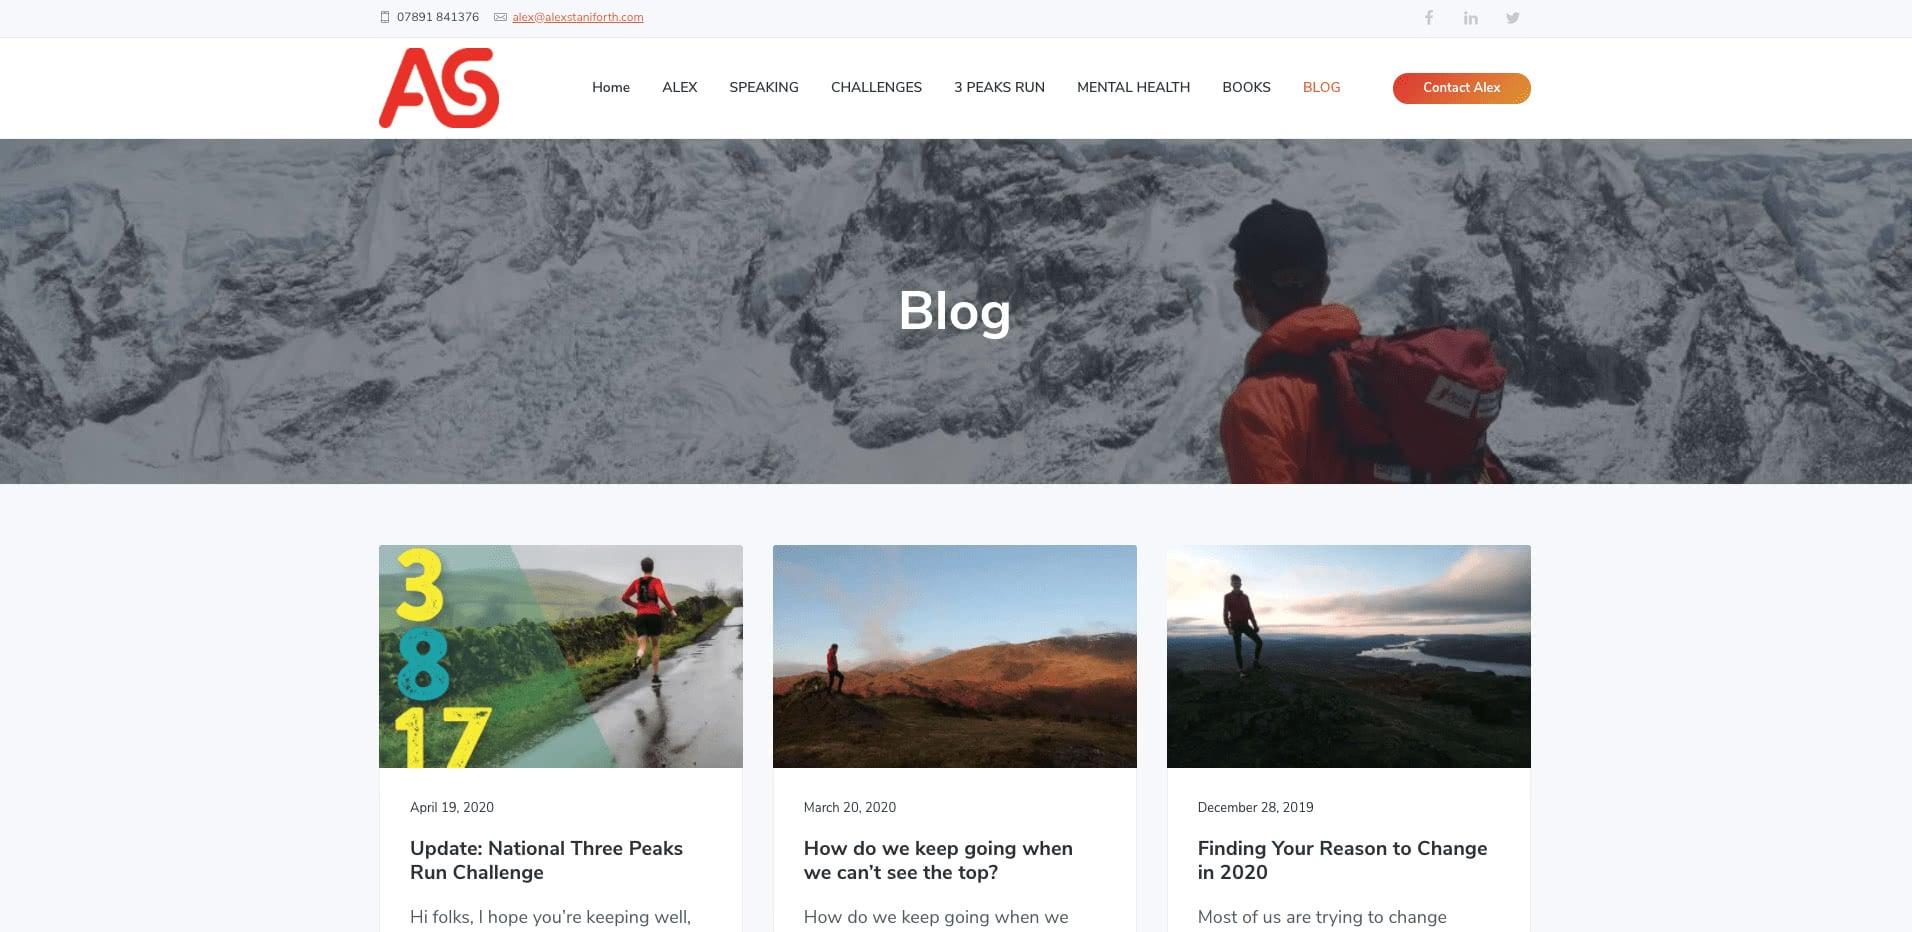 Alex Stainforth blog